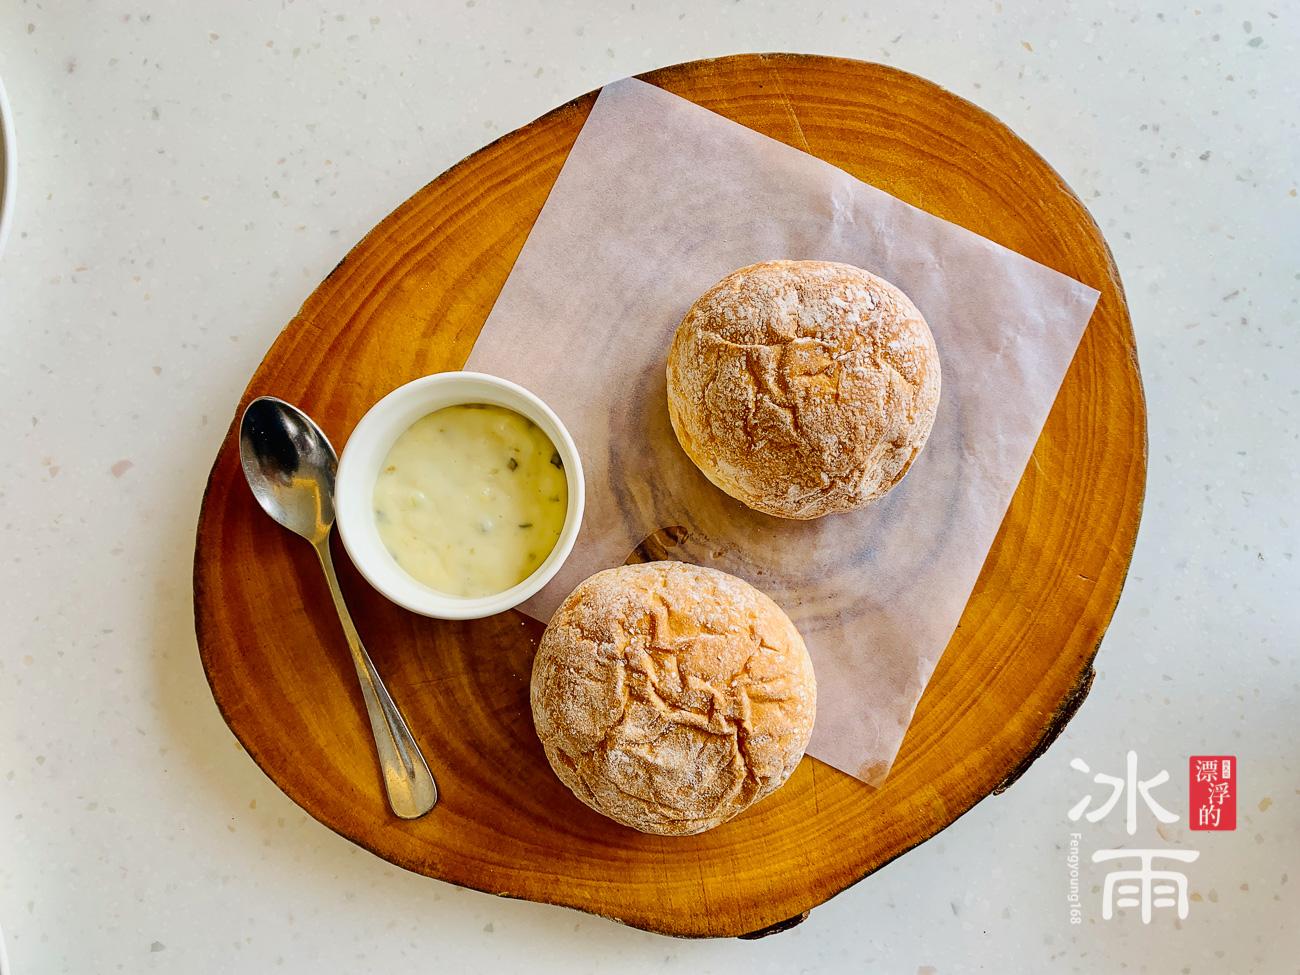 榕堤水灣淡水店 麵包非常好吃,口味偏軟,加上特條奶油醬,超級討喜。